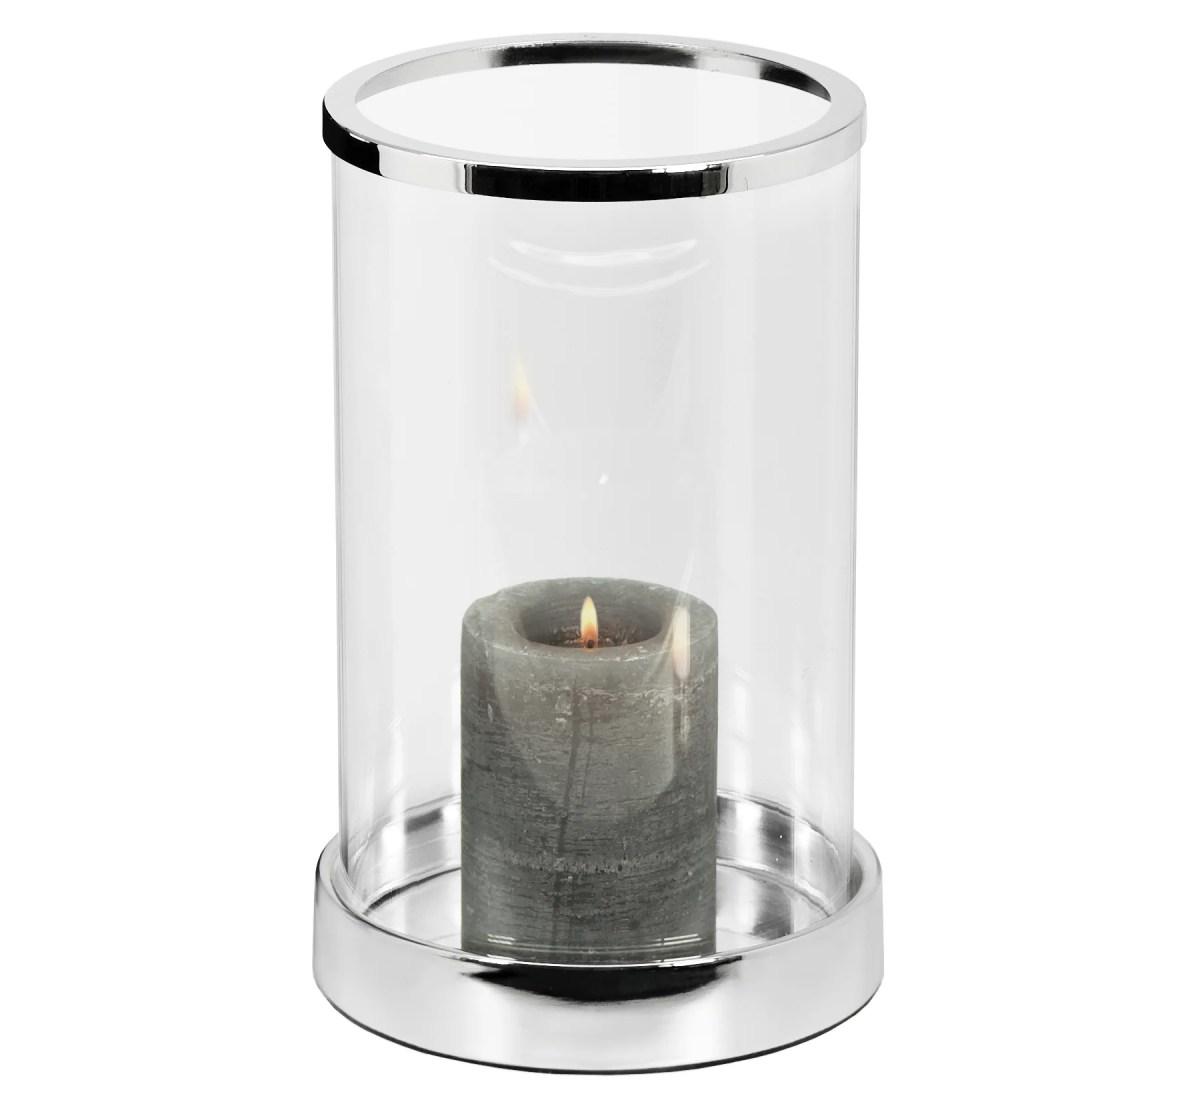 2841 Windlicht Sanremo, edel versilbert, anlaufgeschützt, Höhe 26 cm, Durchmesser 16,5 cm